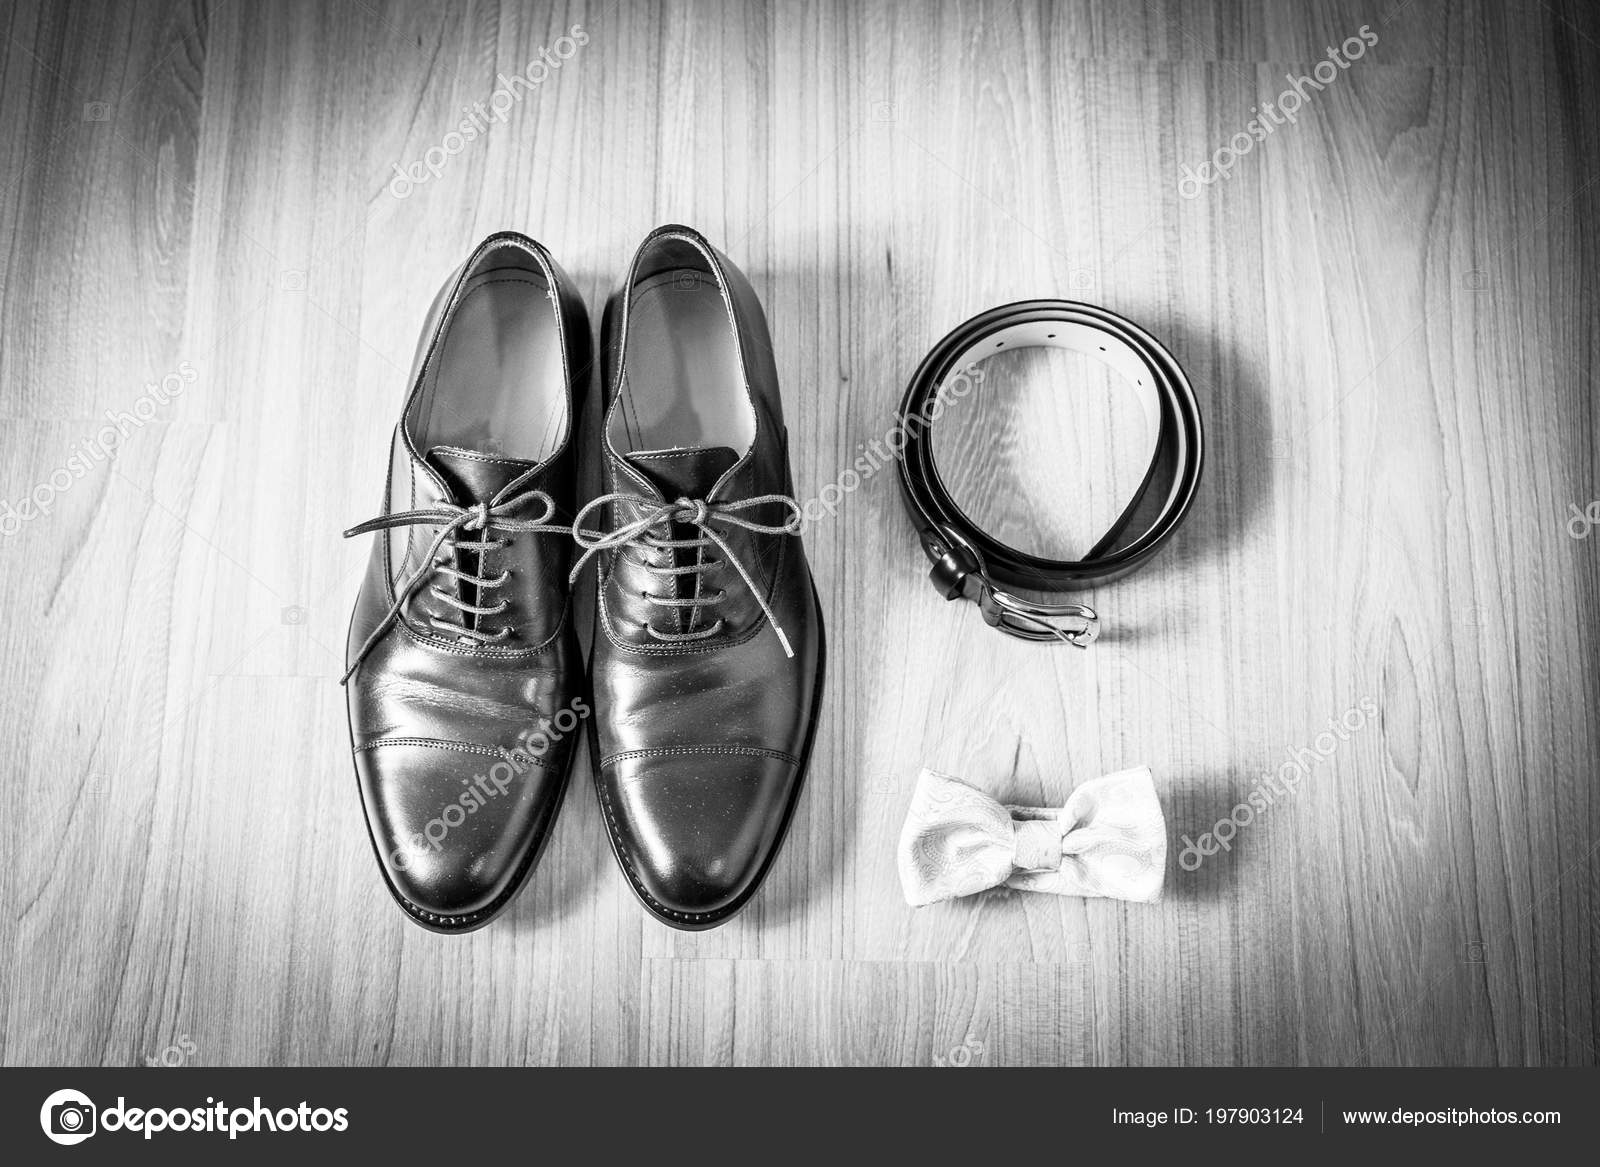 7ccc9ade44ed Dettagli Del Matrimonio Accessori Sposo Scarpe Cintura Papillo– immagine  stock